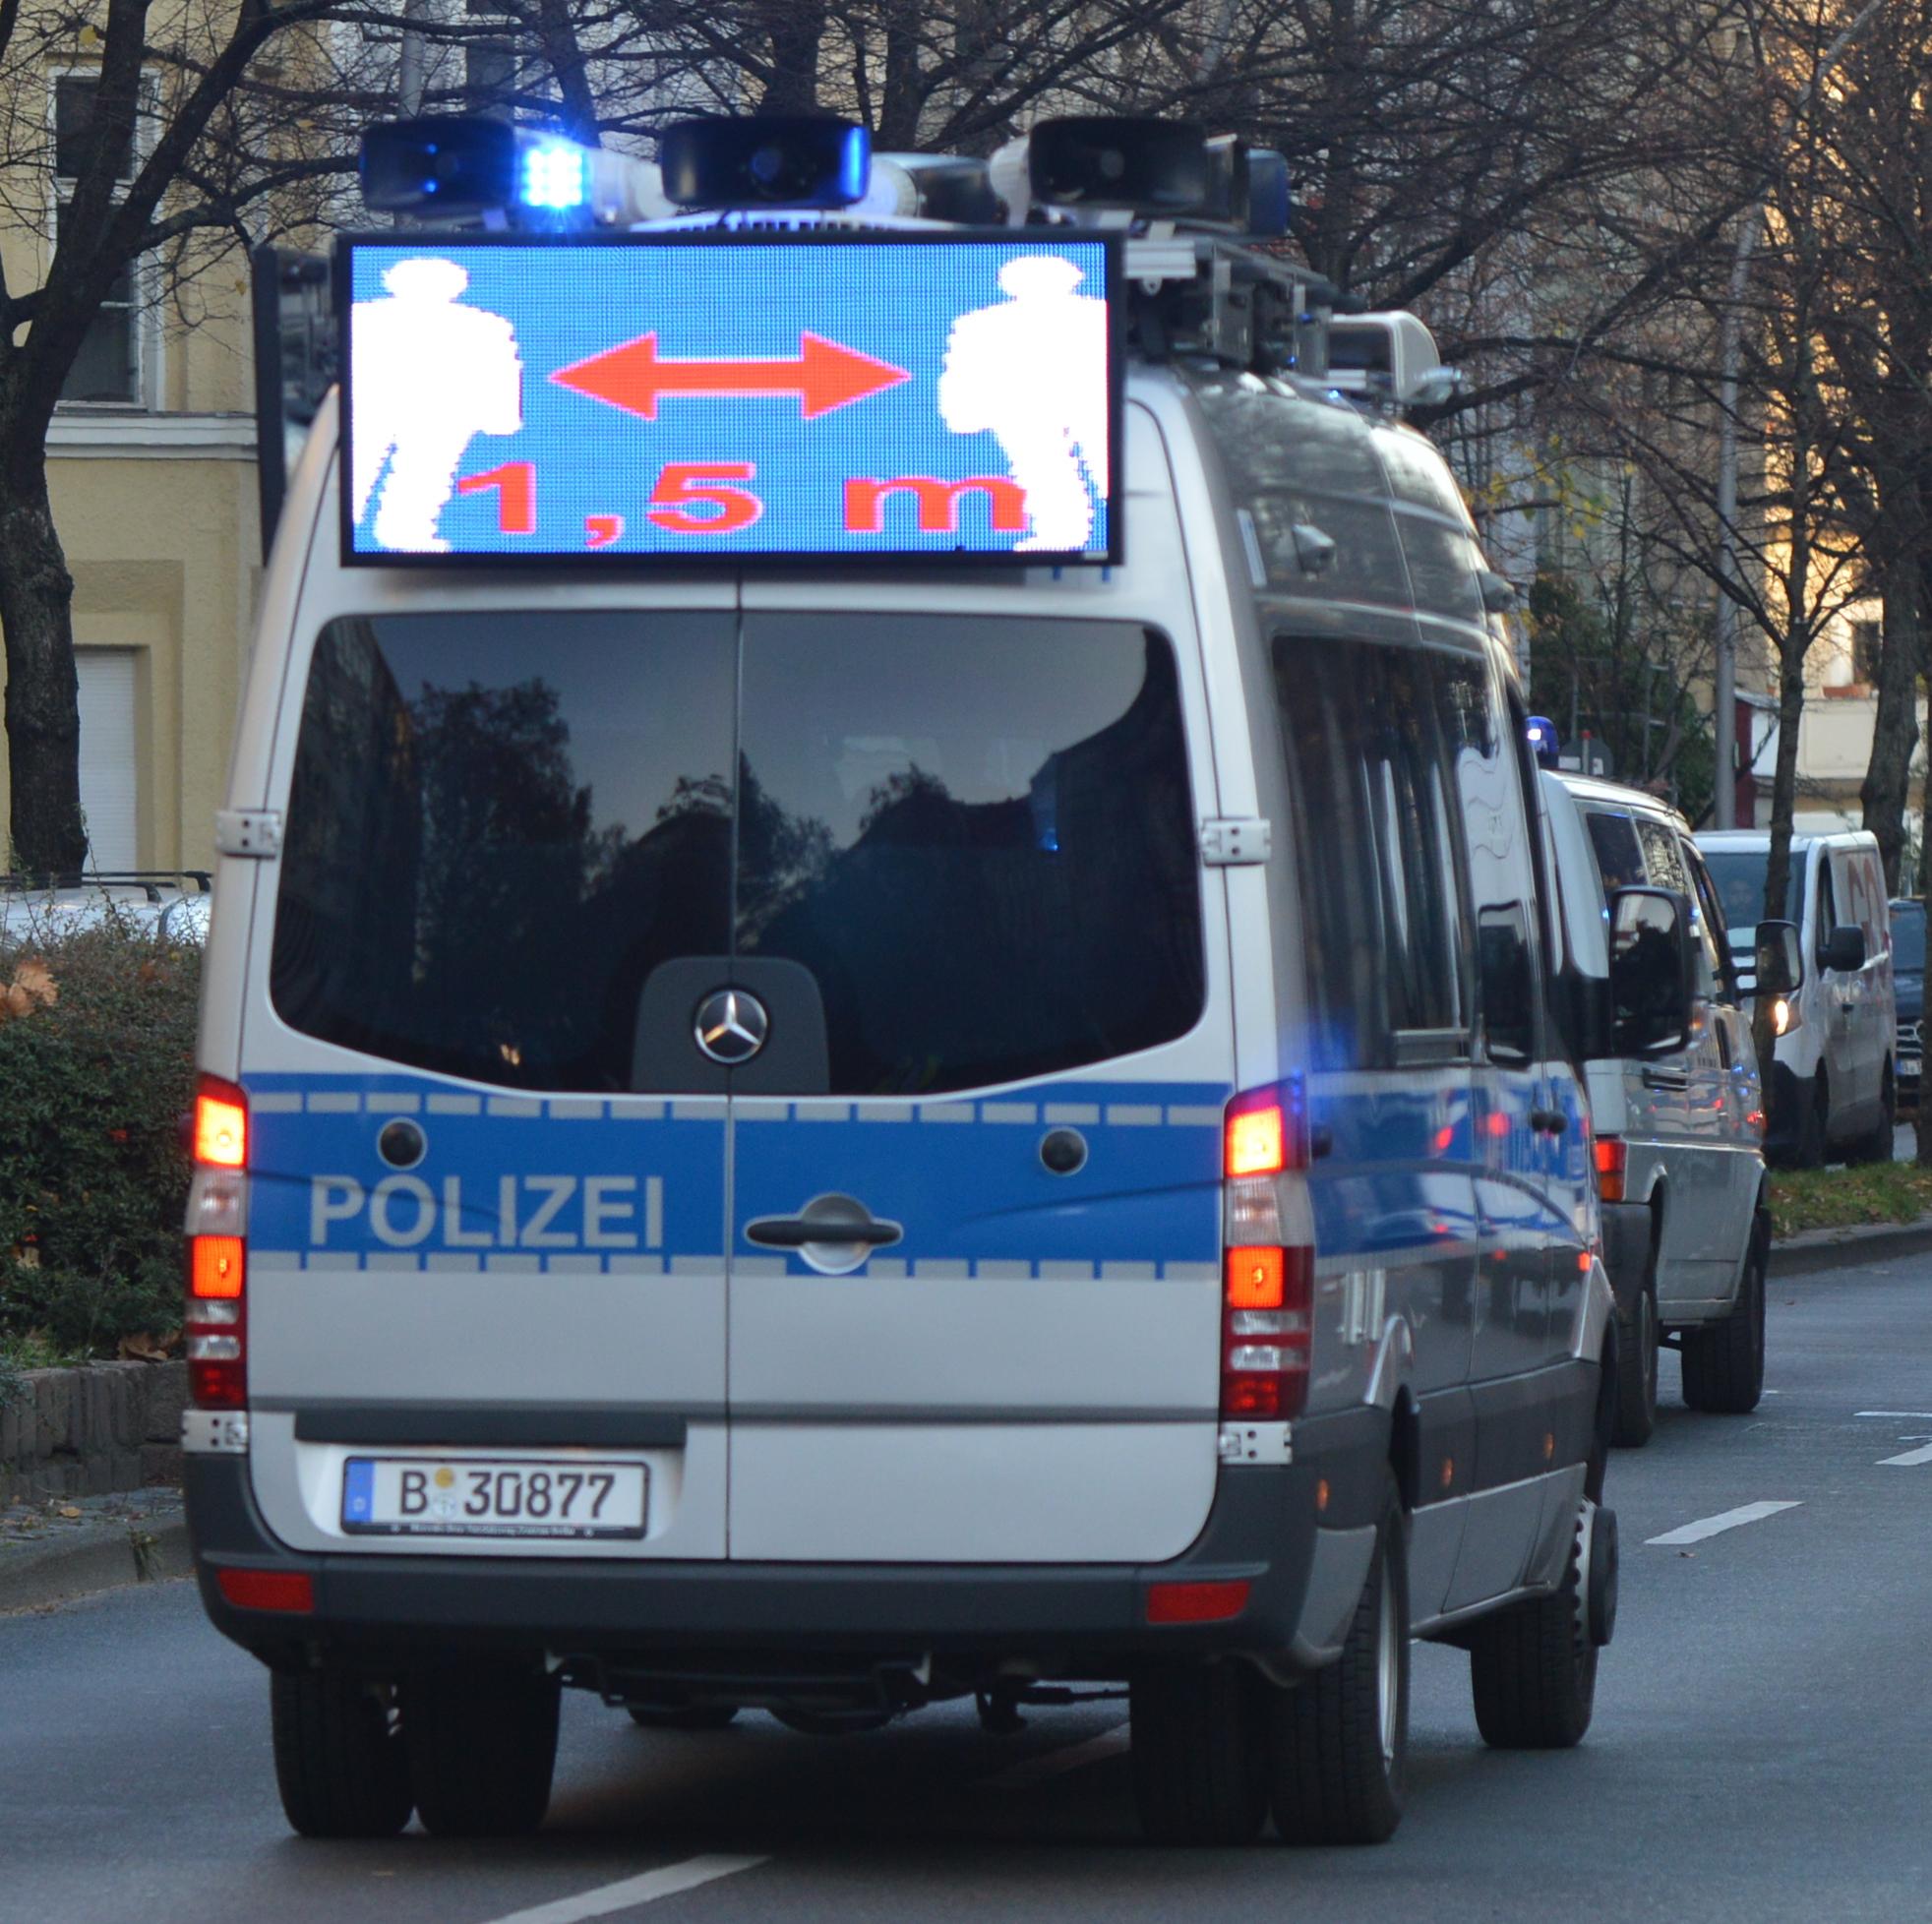 ein silber-blauer Lautsprecherwagen fährt auf der straße, man sieht ihn von hinten, am heck befestigt ist ein Bildschirm, der zeigt, dass 1,5 m Abstand gehalten werden muss